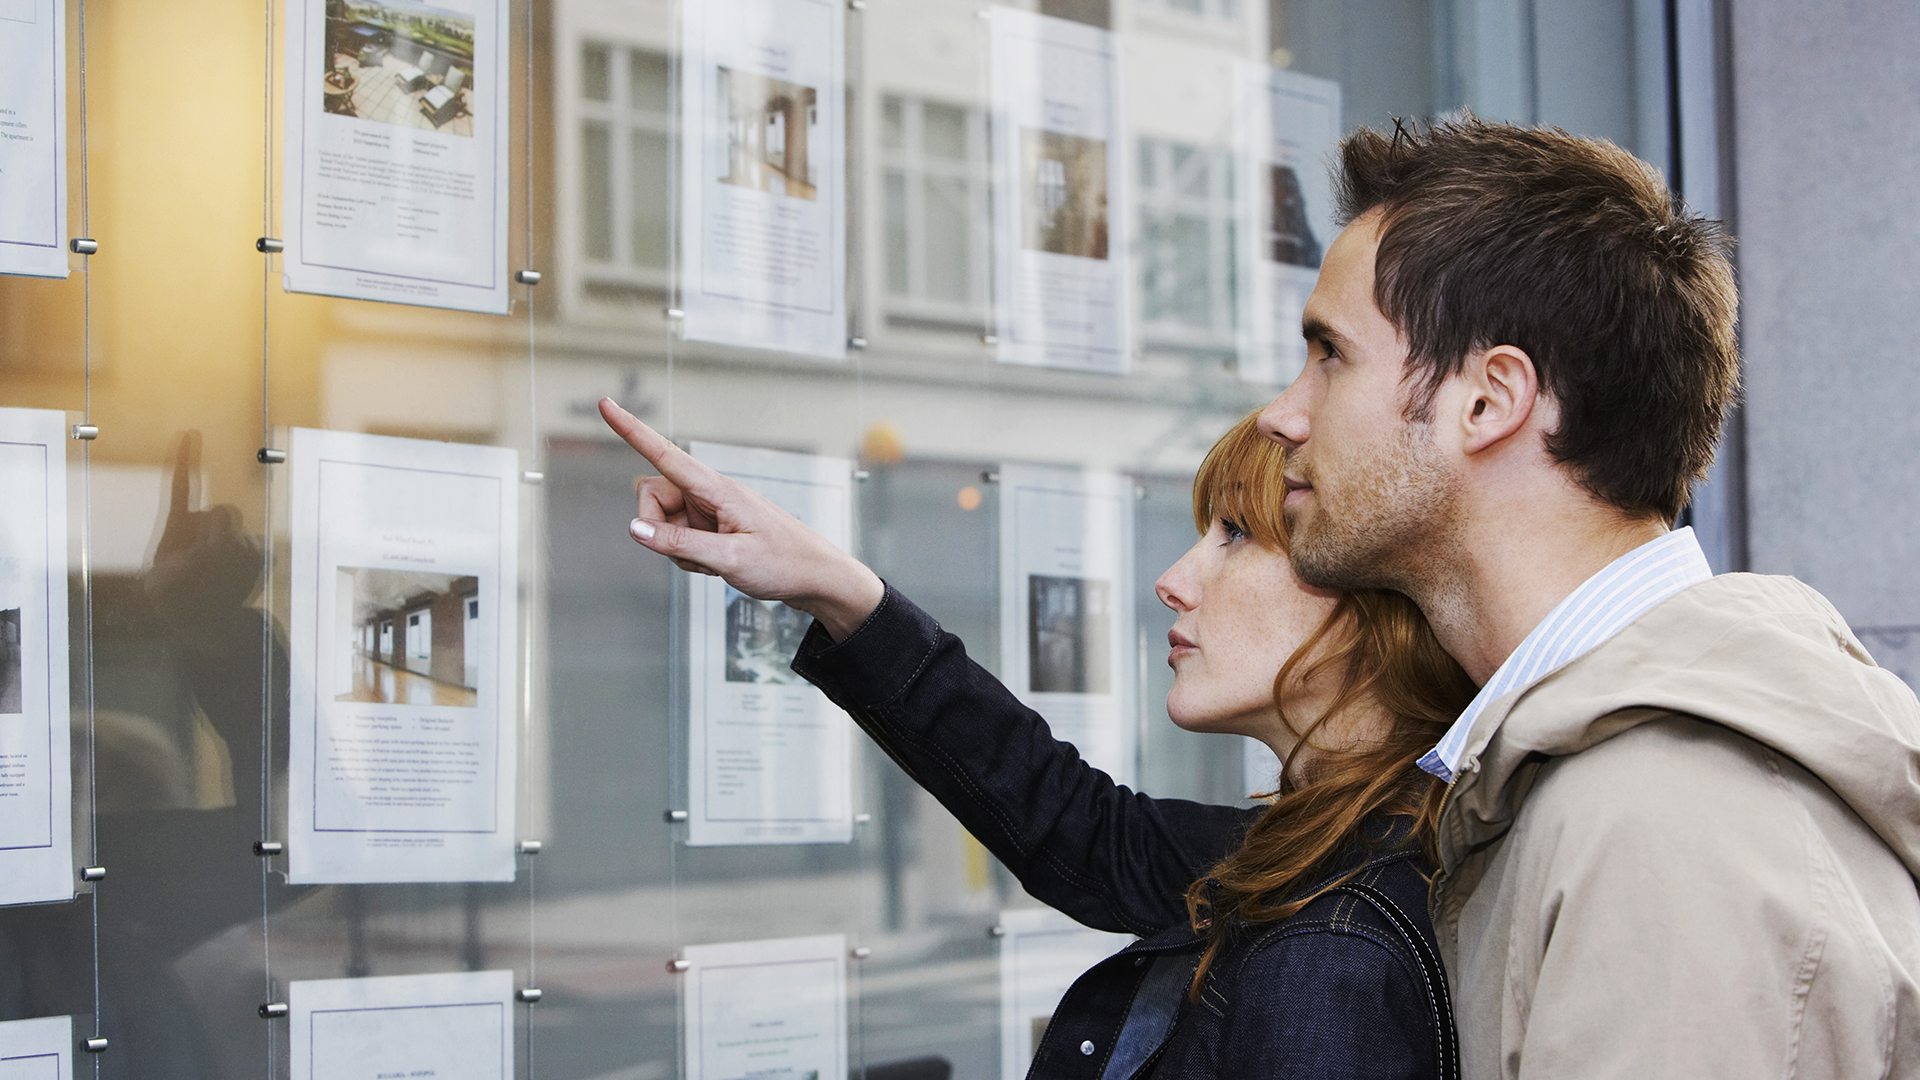 Mies ja nainen tutkivat asuntoilmoituksia